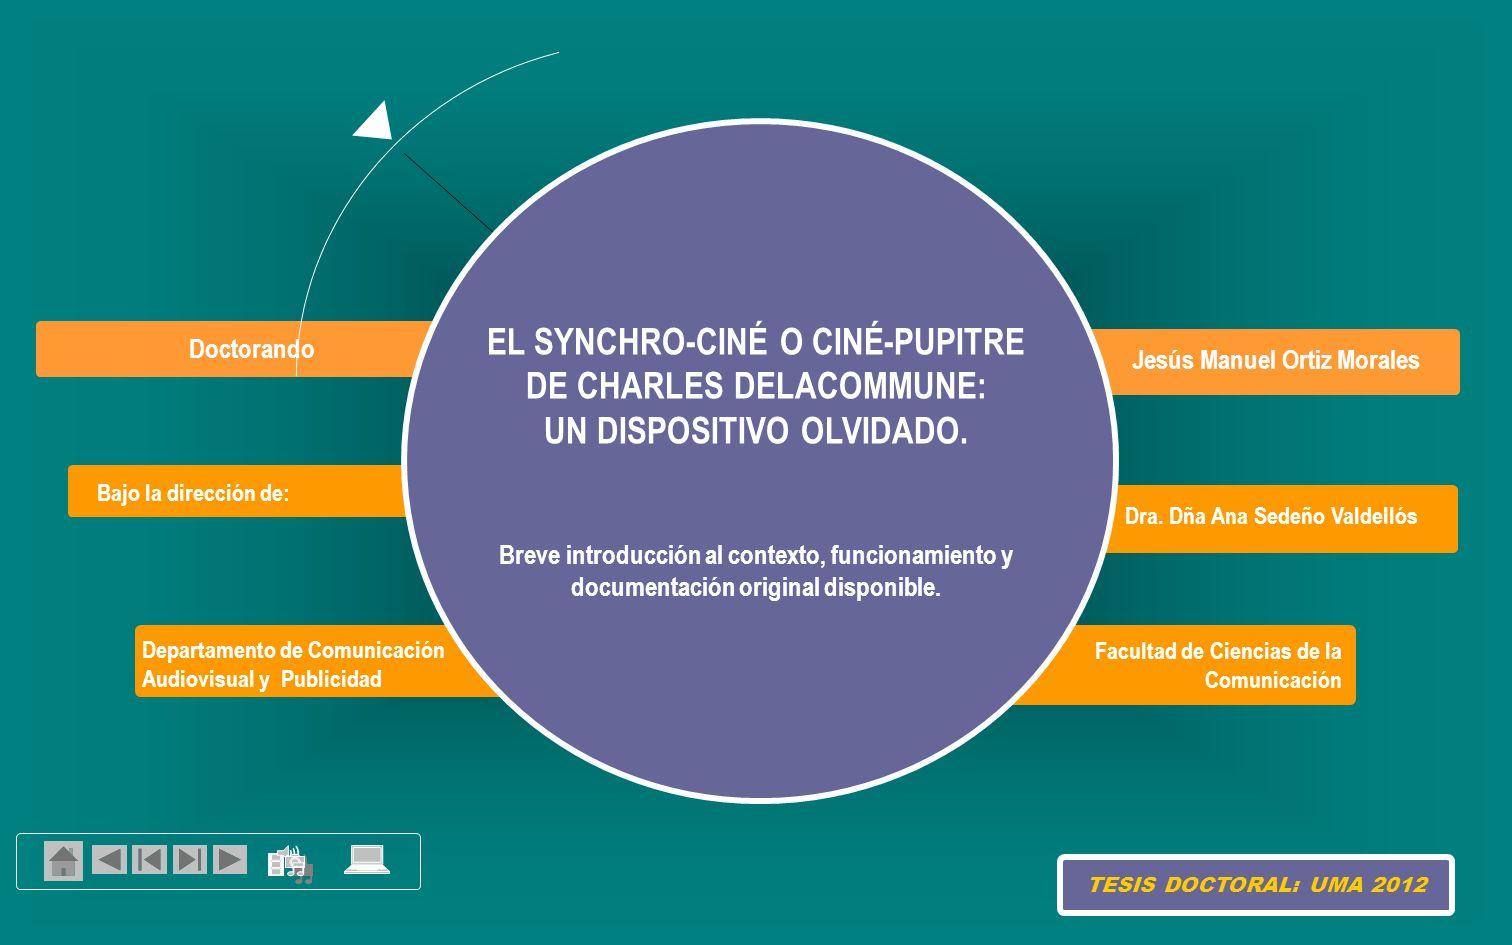 Doctorando Departamento de Comunicación Audiovisual y Publicidad Facultad de Ciencias de la Comunicación Dra.